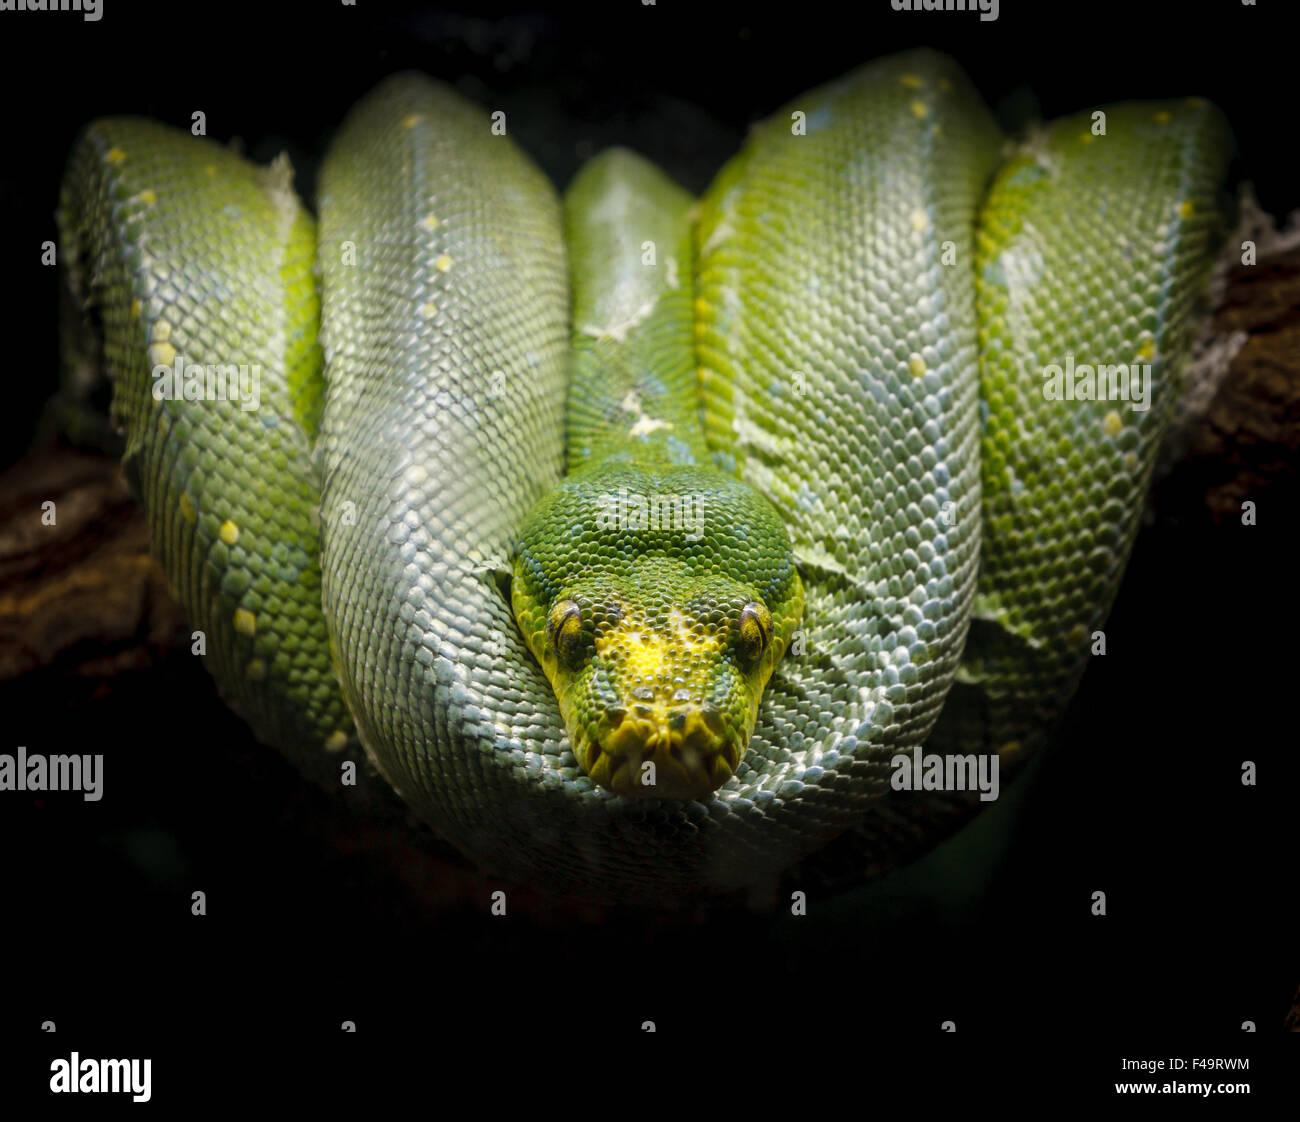 Grüne Python (Morelia Viridis) zusammengerollt bequem auf einem Ast. Fotografie von einer Schlangenarten der Familie fast. Stockfoto